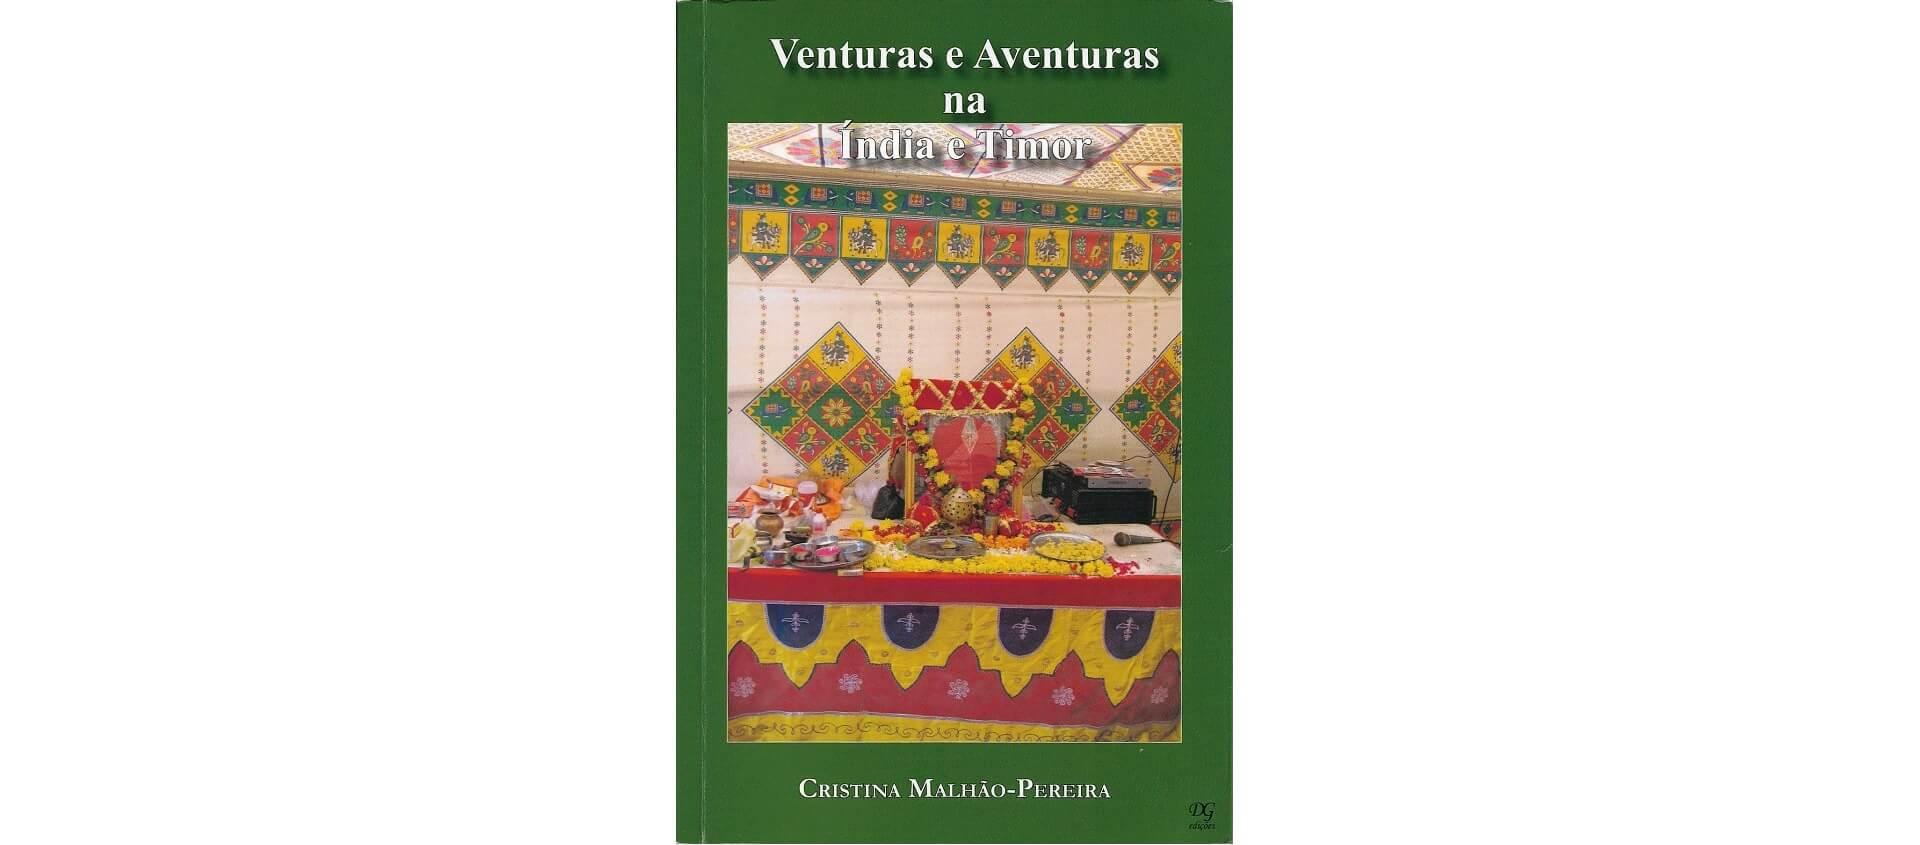 Venturas e Aventuras na Índia e Timor